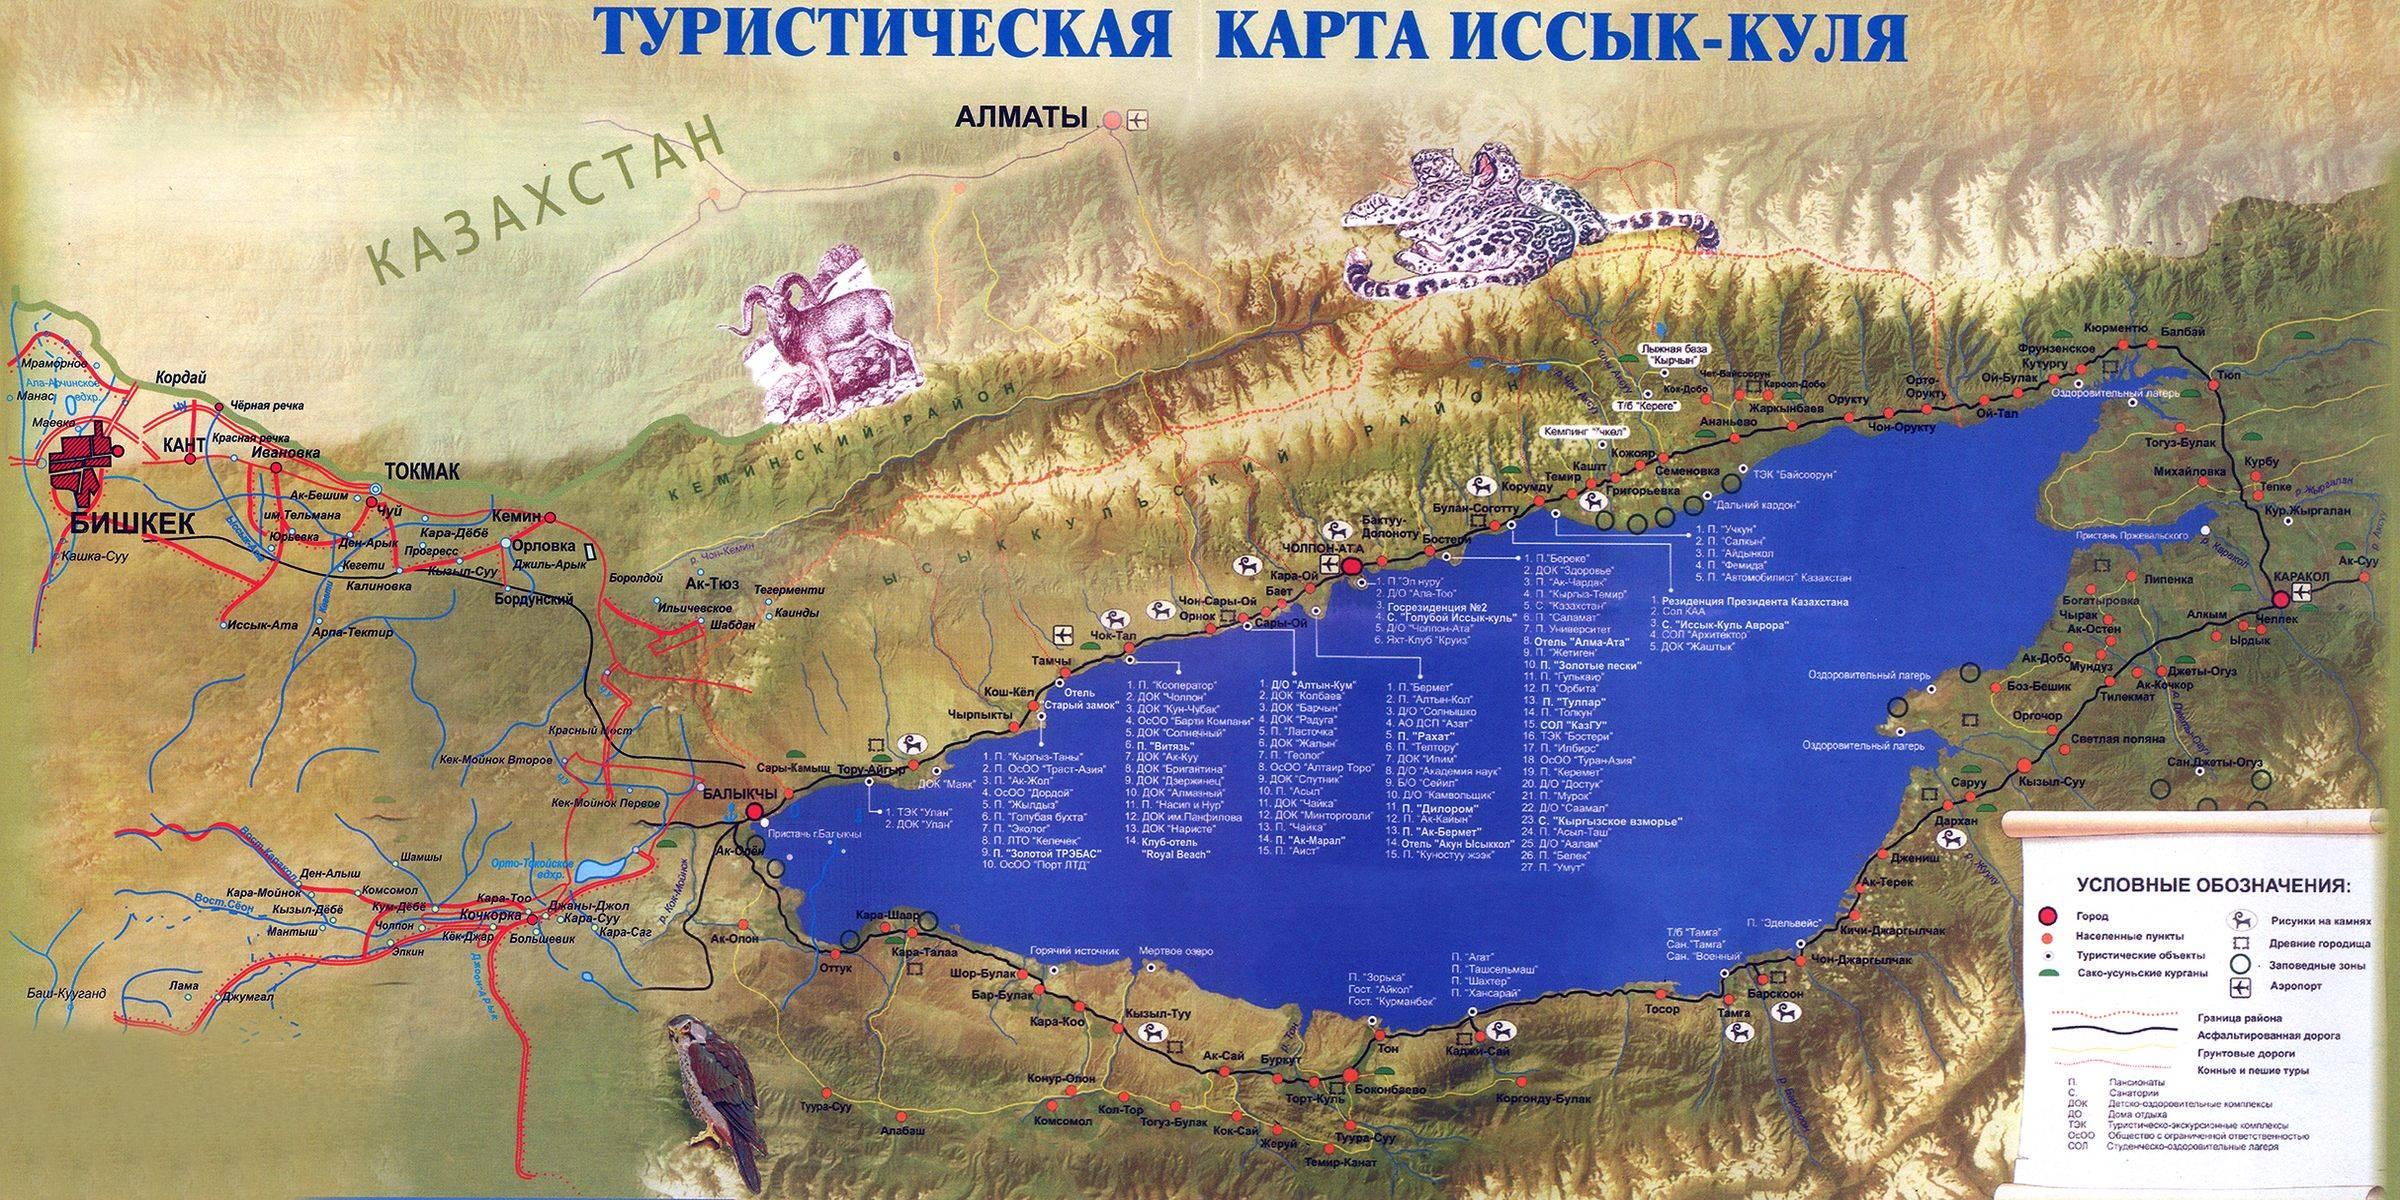 Карта туристических объектов на озере Иссык-Куль